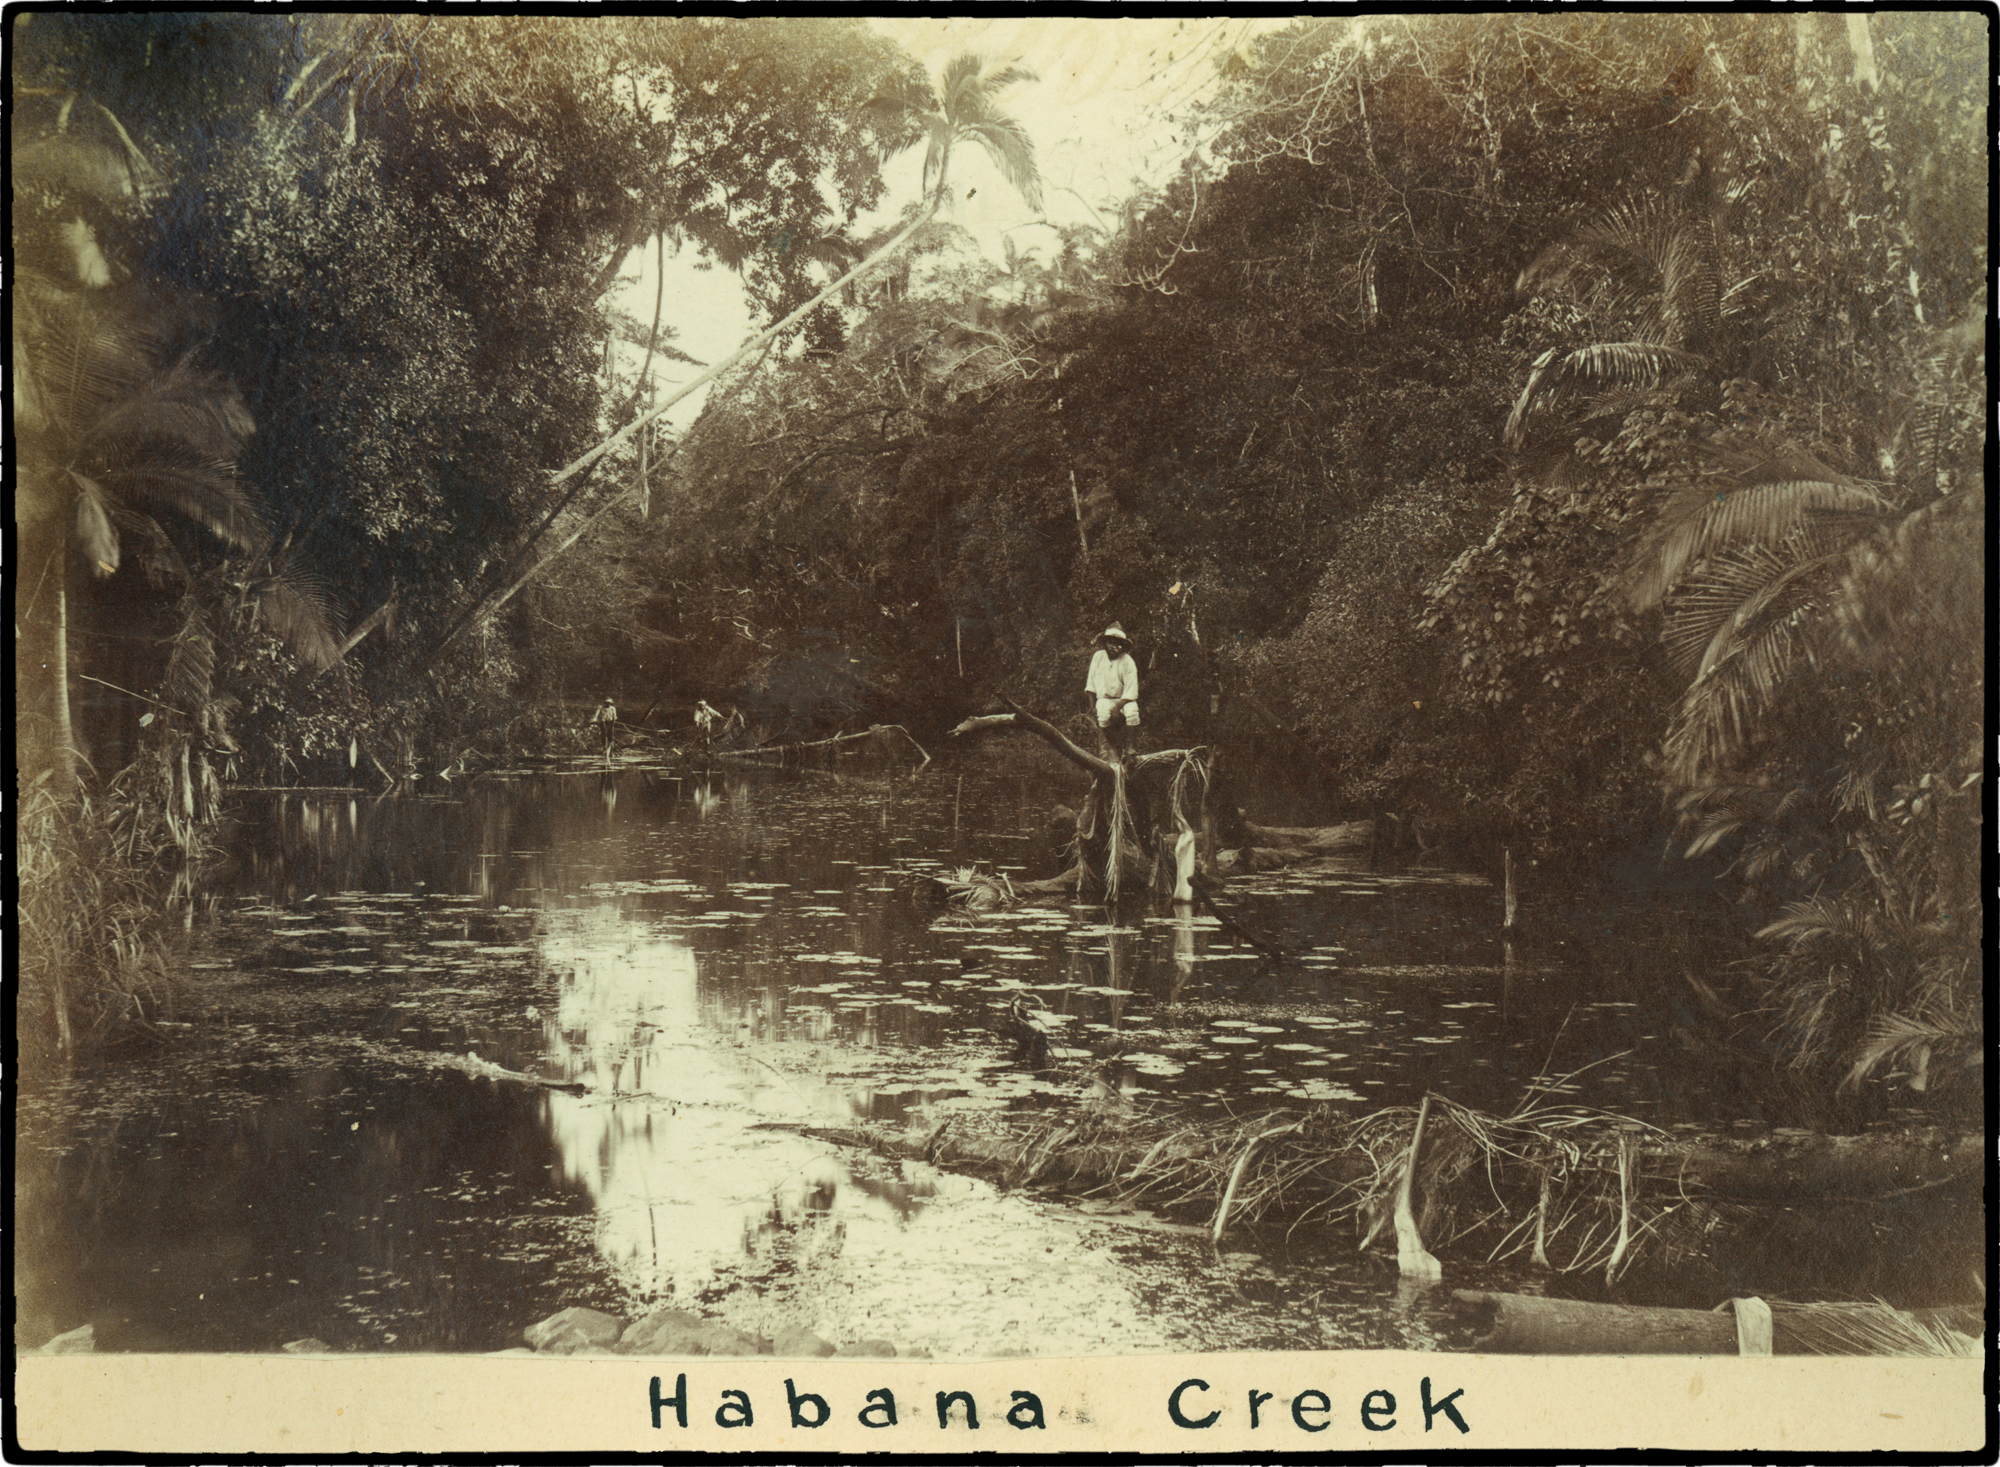 2-Habana Creek outside Mackay ca. 1880